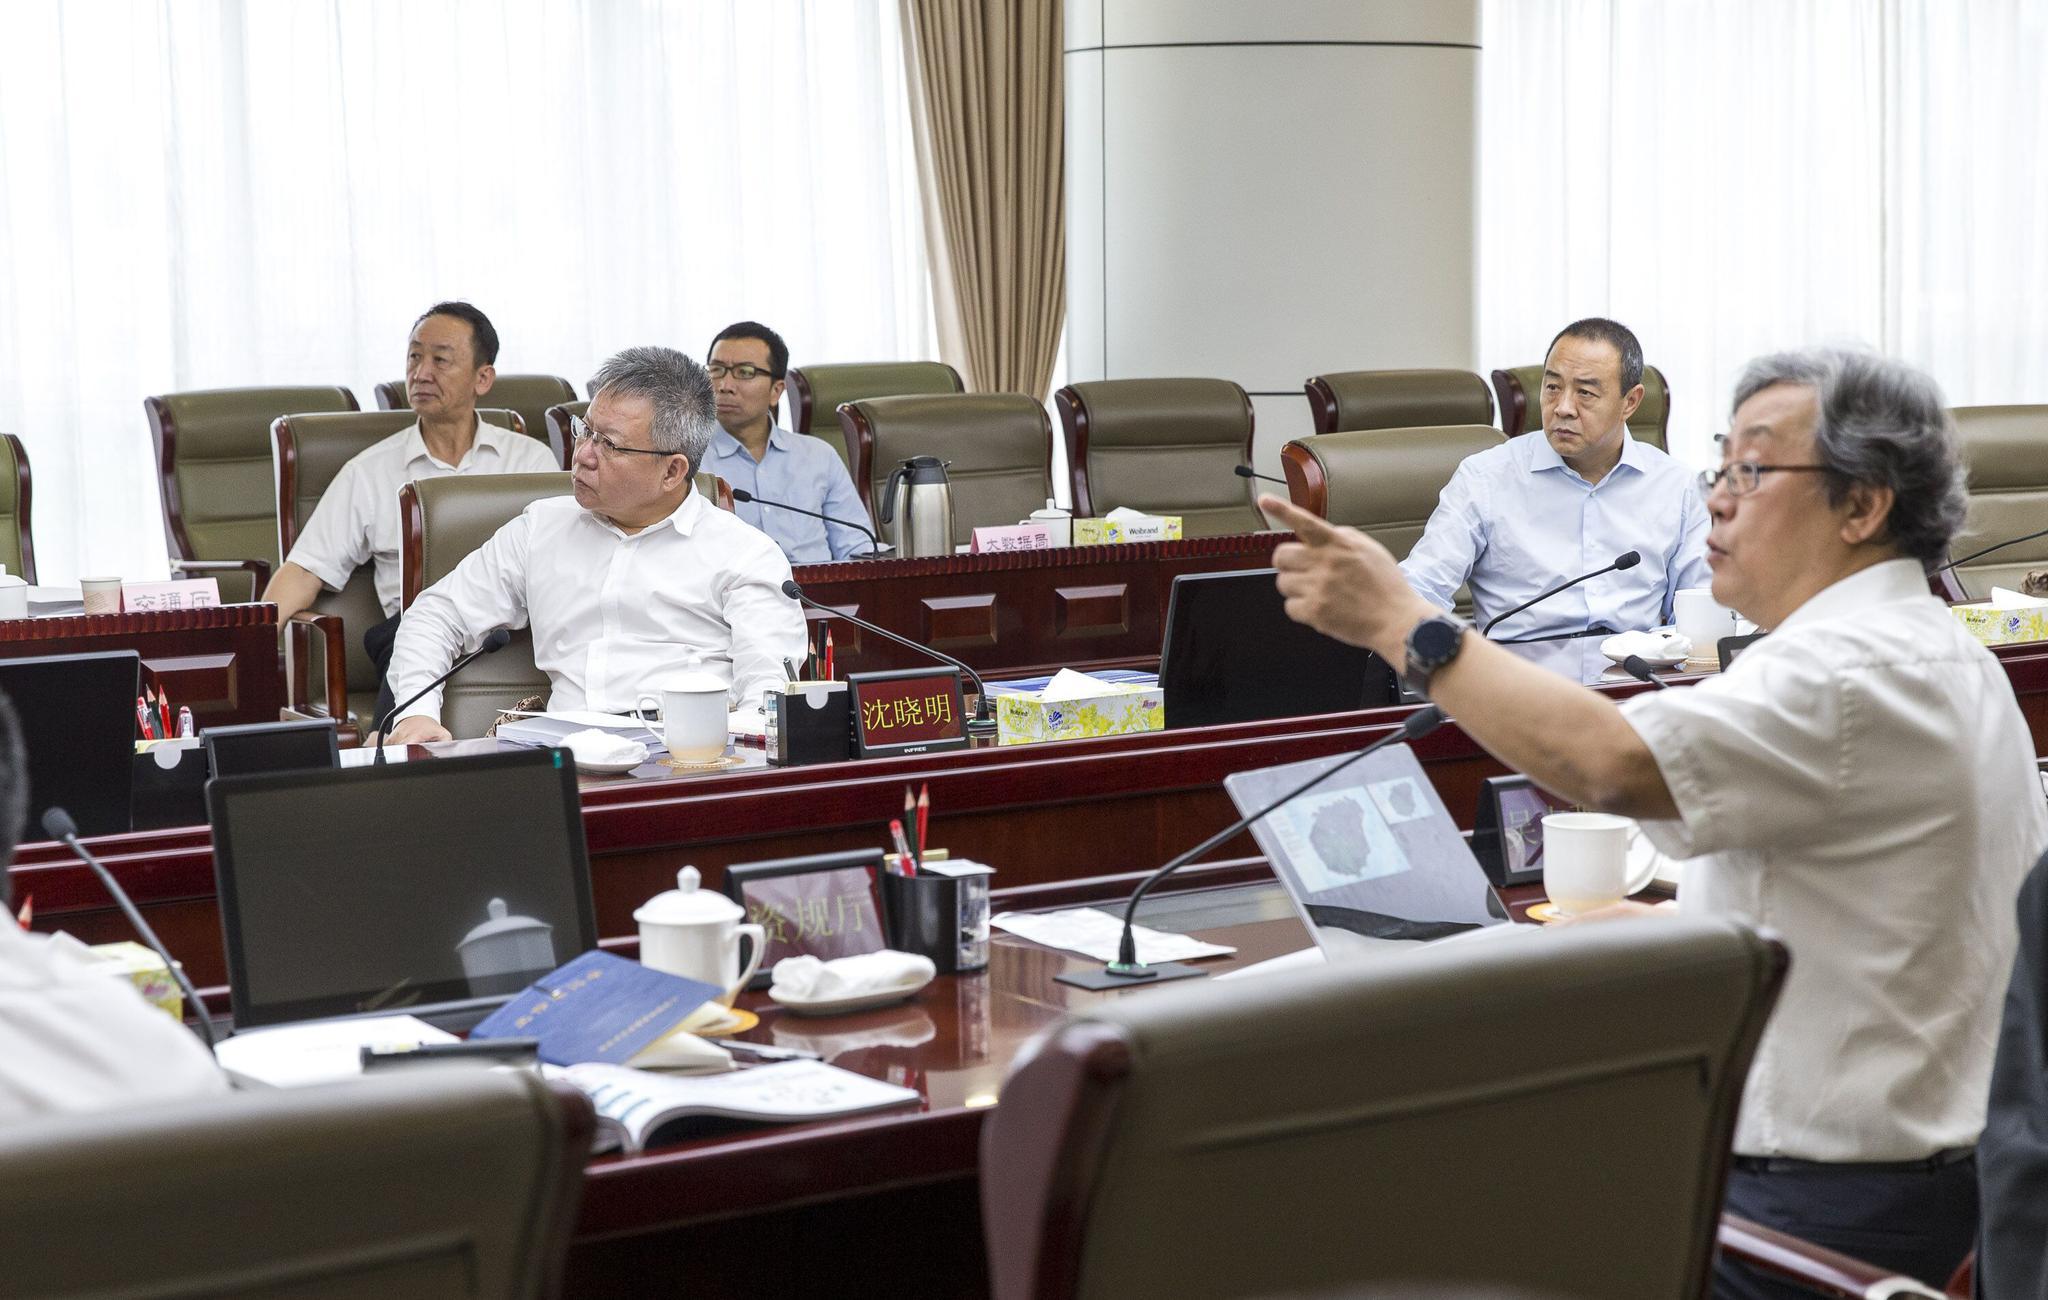 沈晓明主持召开省政府专题会议 研究海南省国土空间规划编制工作